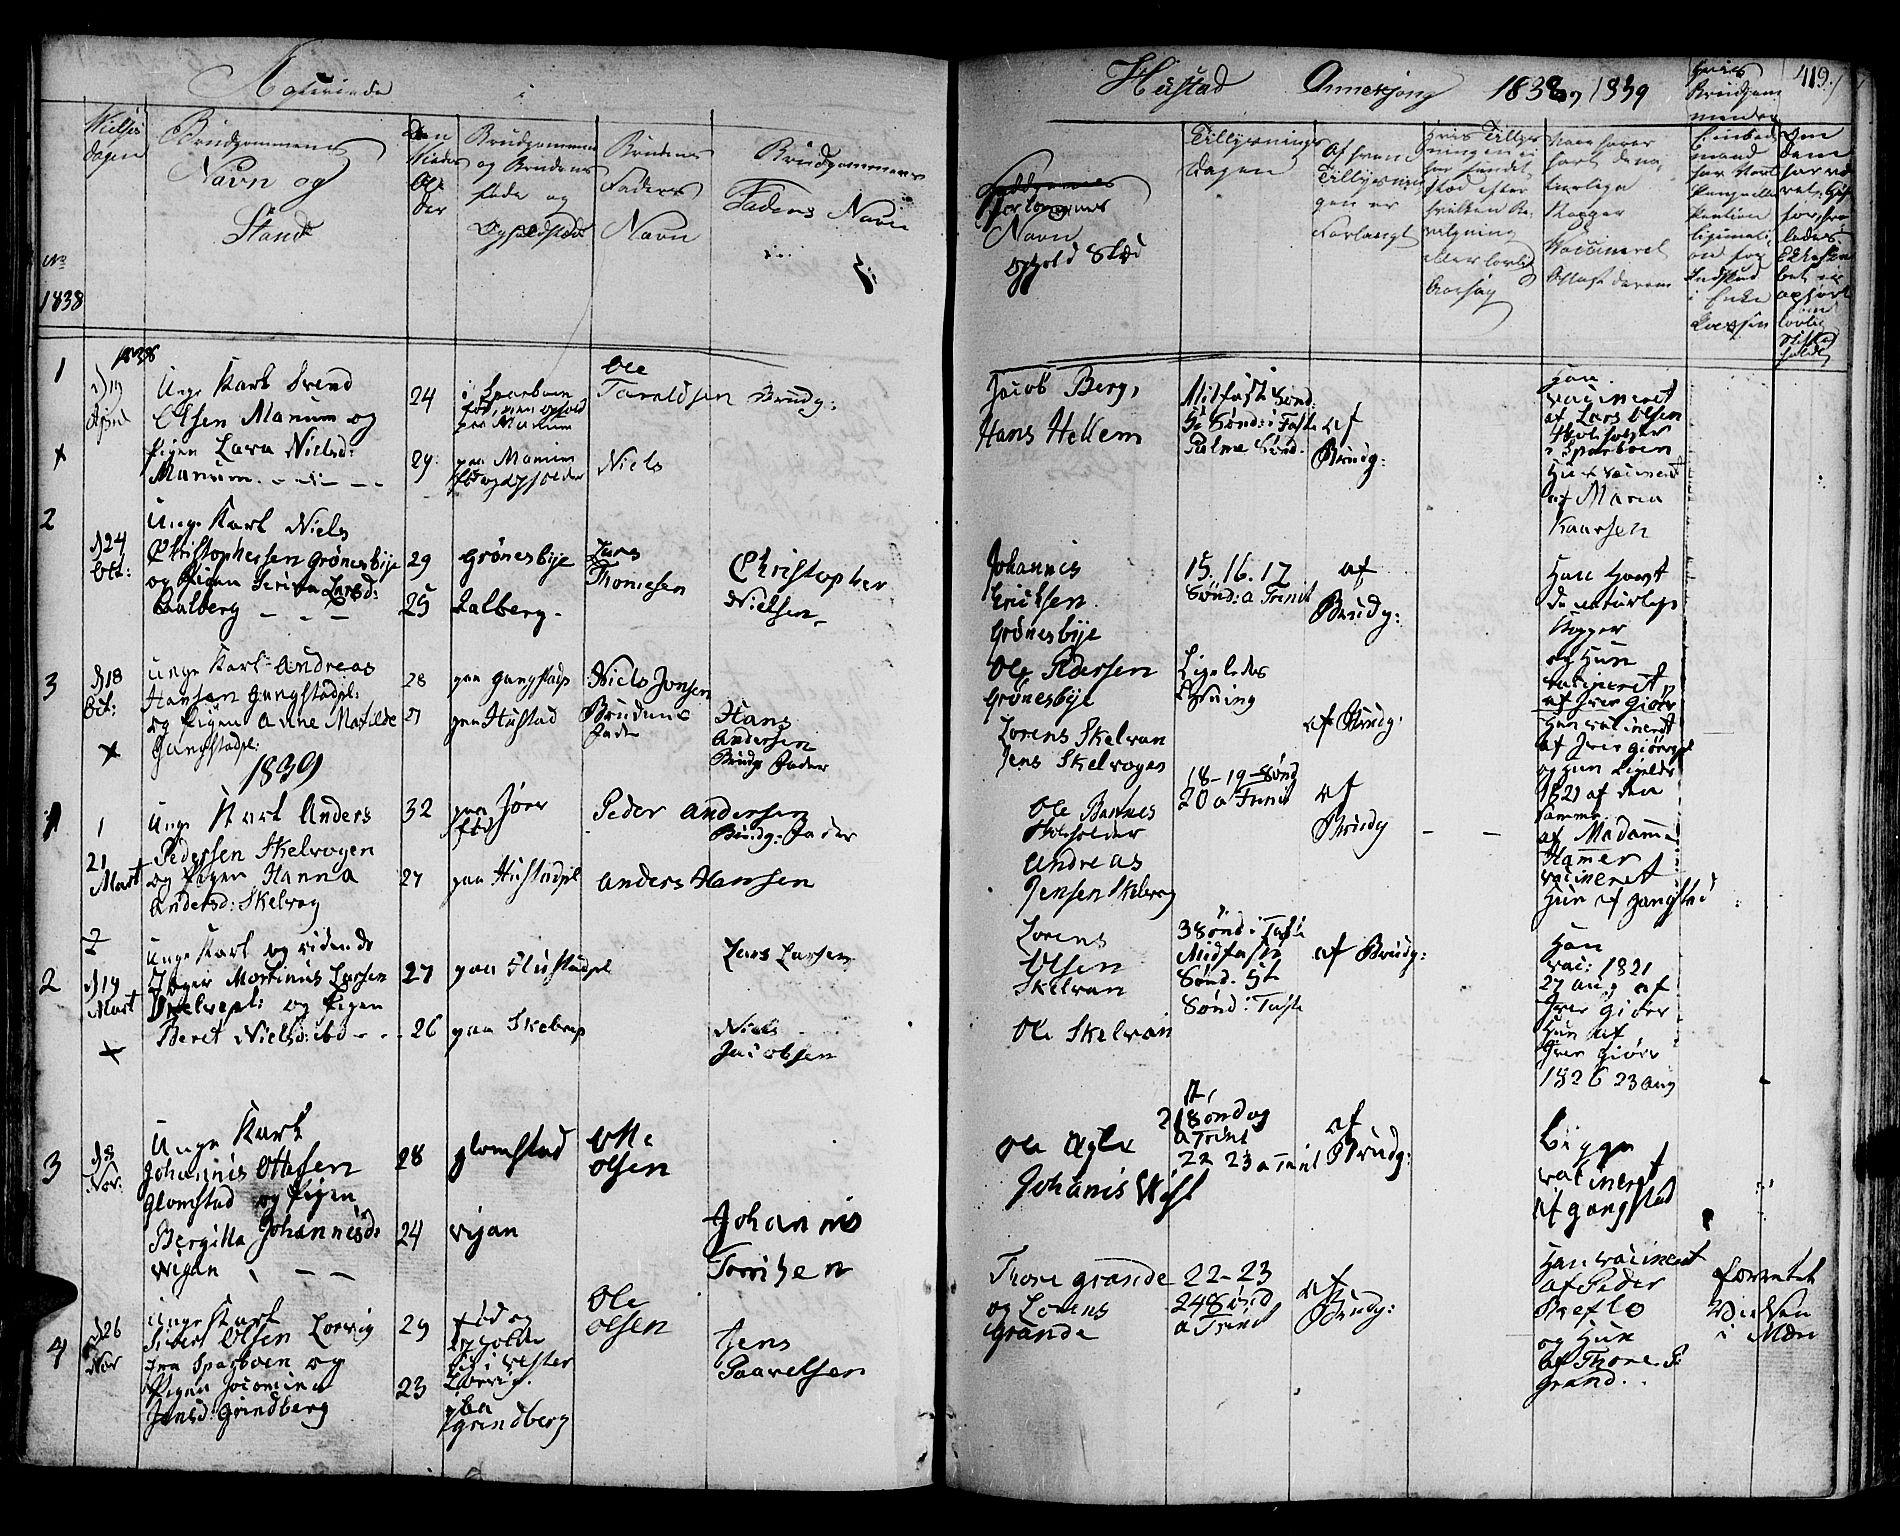 SAT, Ministerialprotokoller, klokkerbøker og fødselsregistre - Nord-Trøndelag, 730/L0277: Ministerialbok nr. 730A06 /3, 1830-1839, s. 419